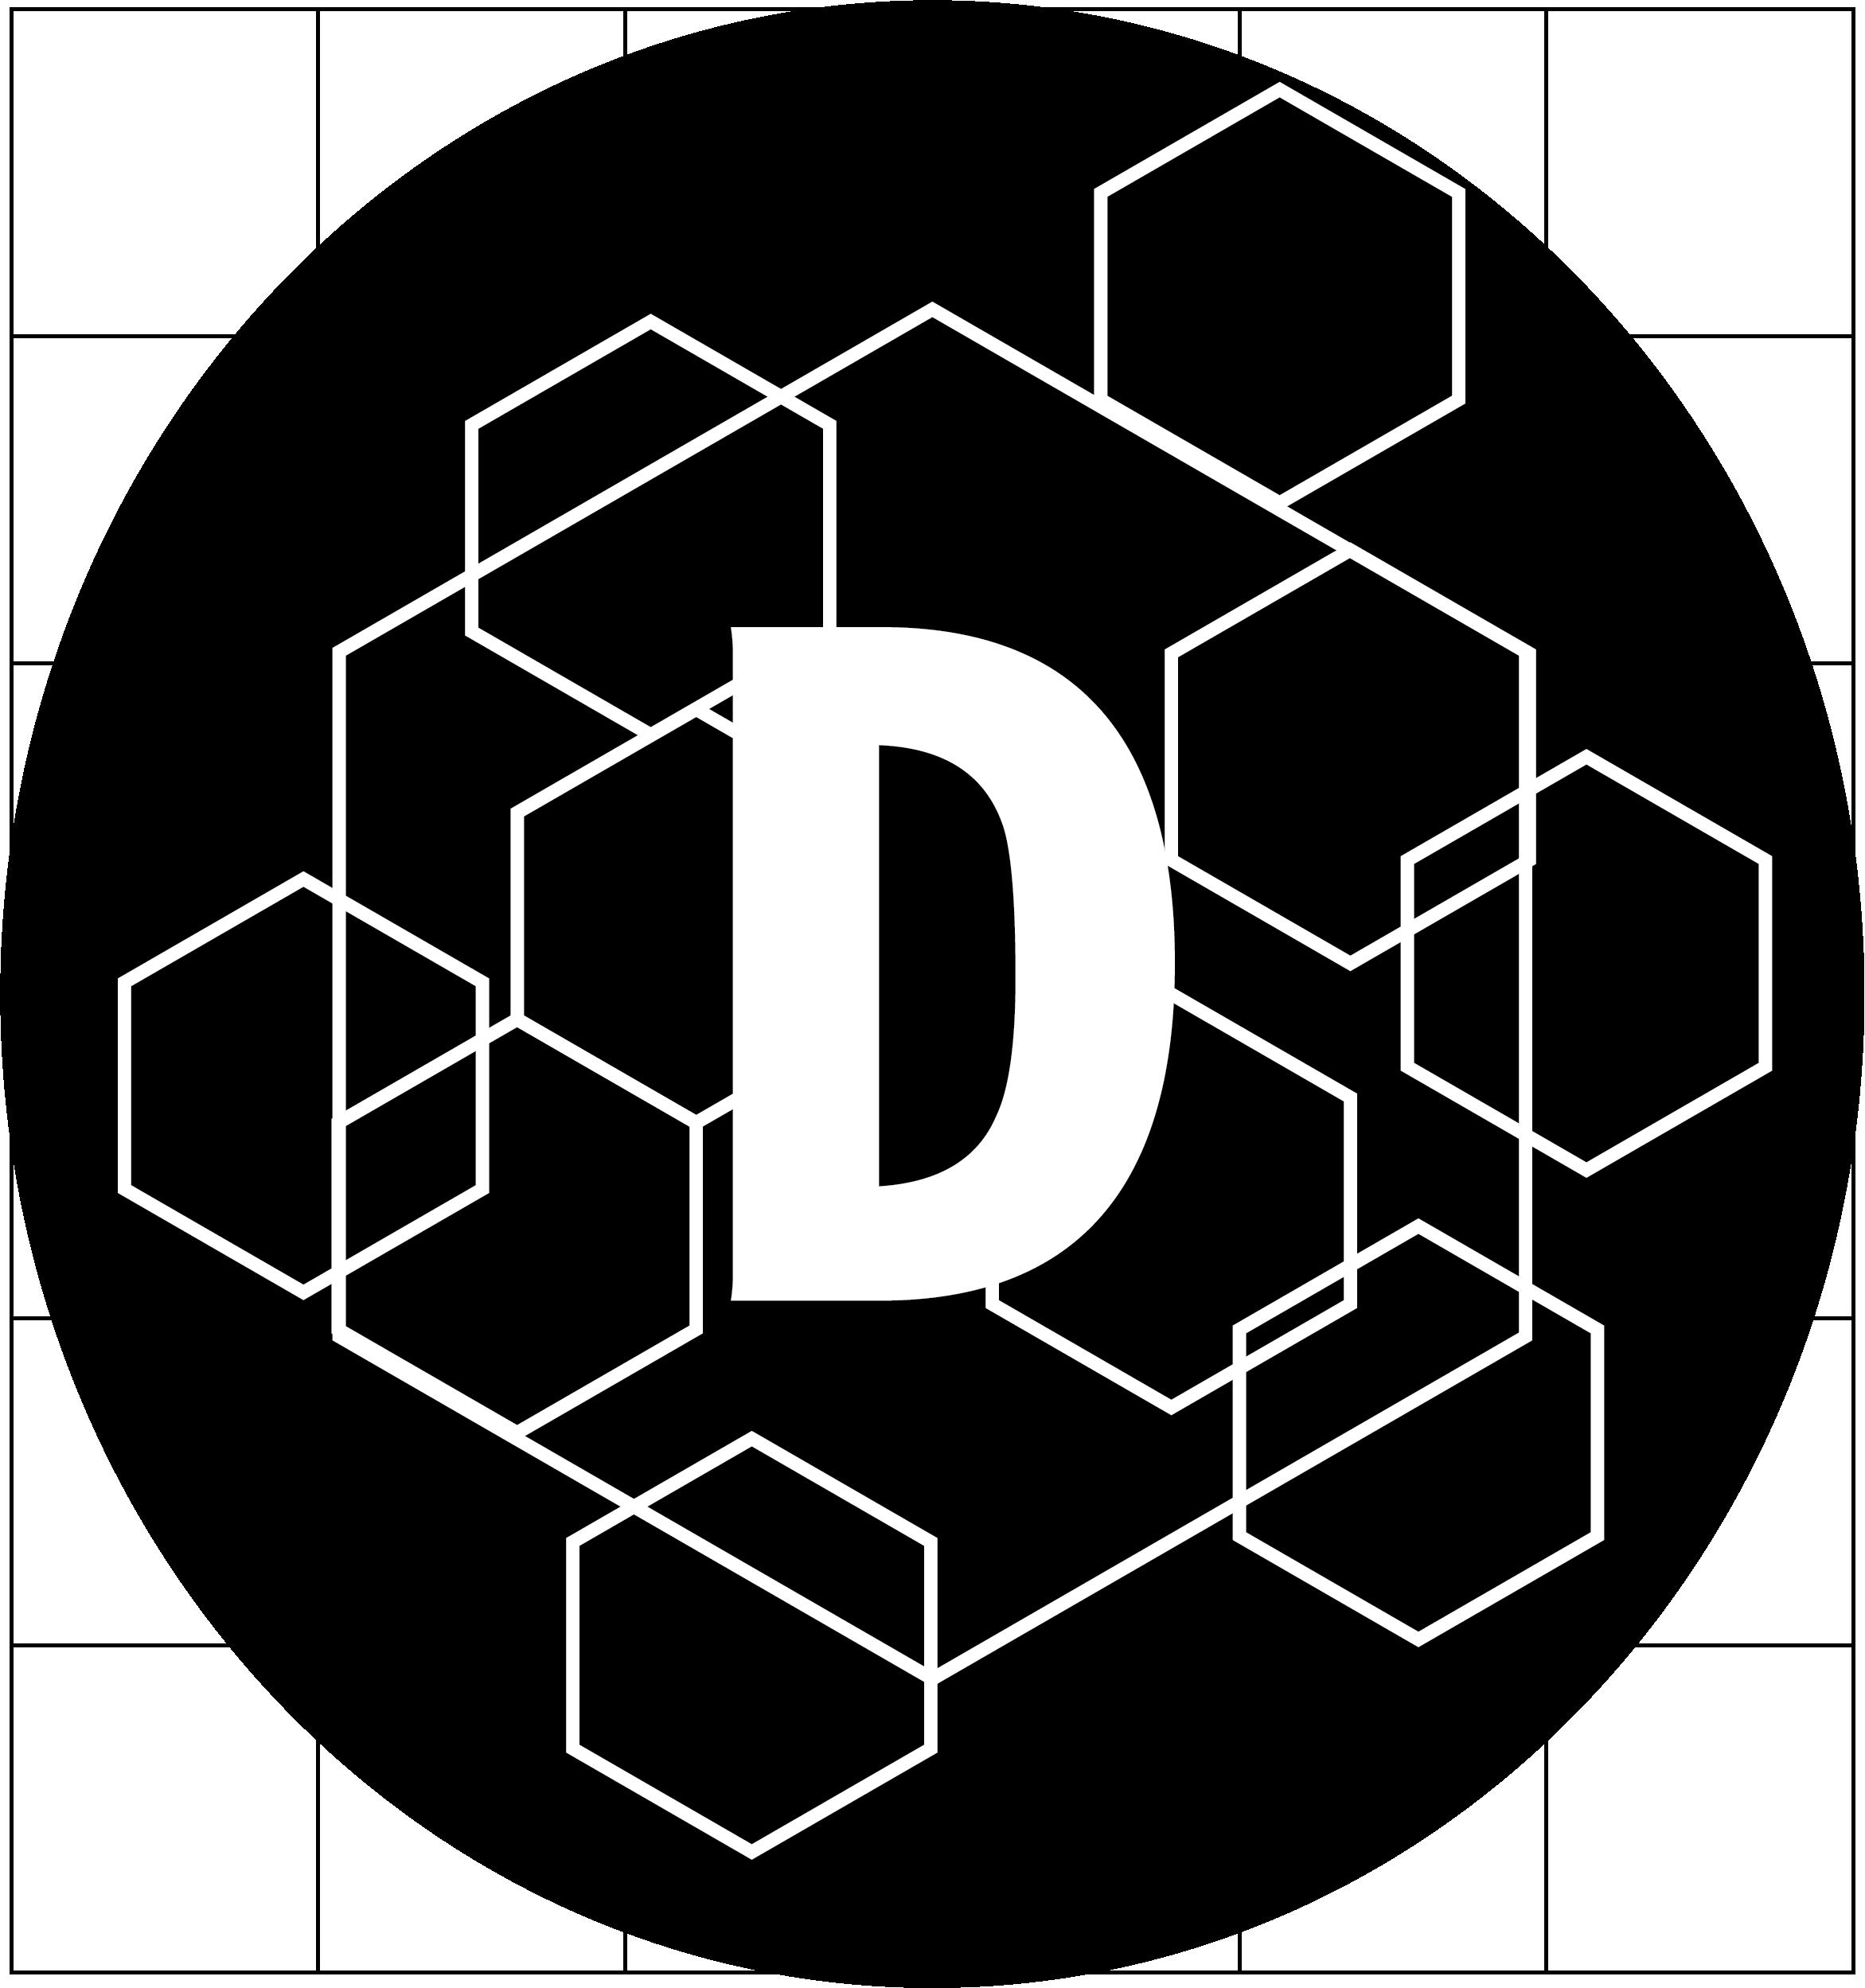 Разработать дизайн ИКОНКИ для логотипа для сети магазинов мужской одежды. фото f_9685e2c606d2f982.png